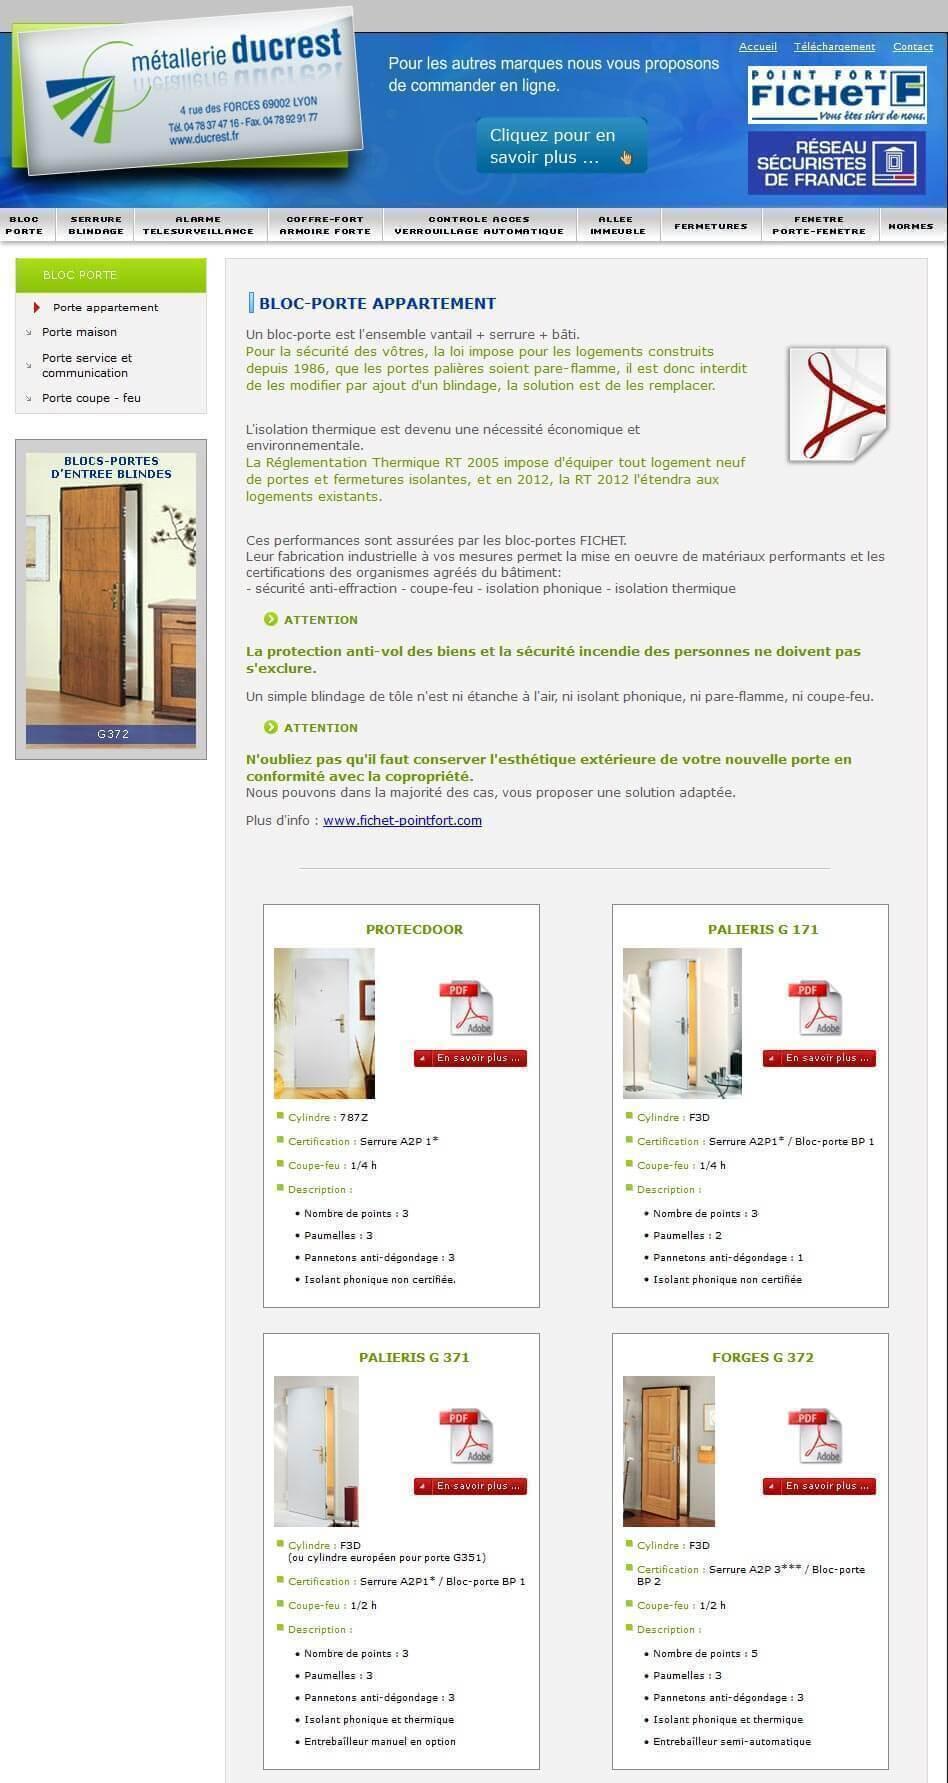 Création site internet LYON site vitrine métallerie ducrest 4